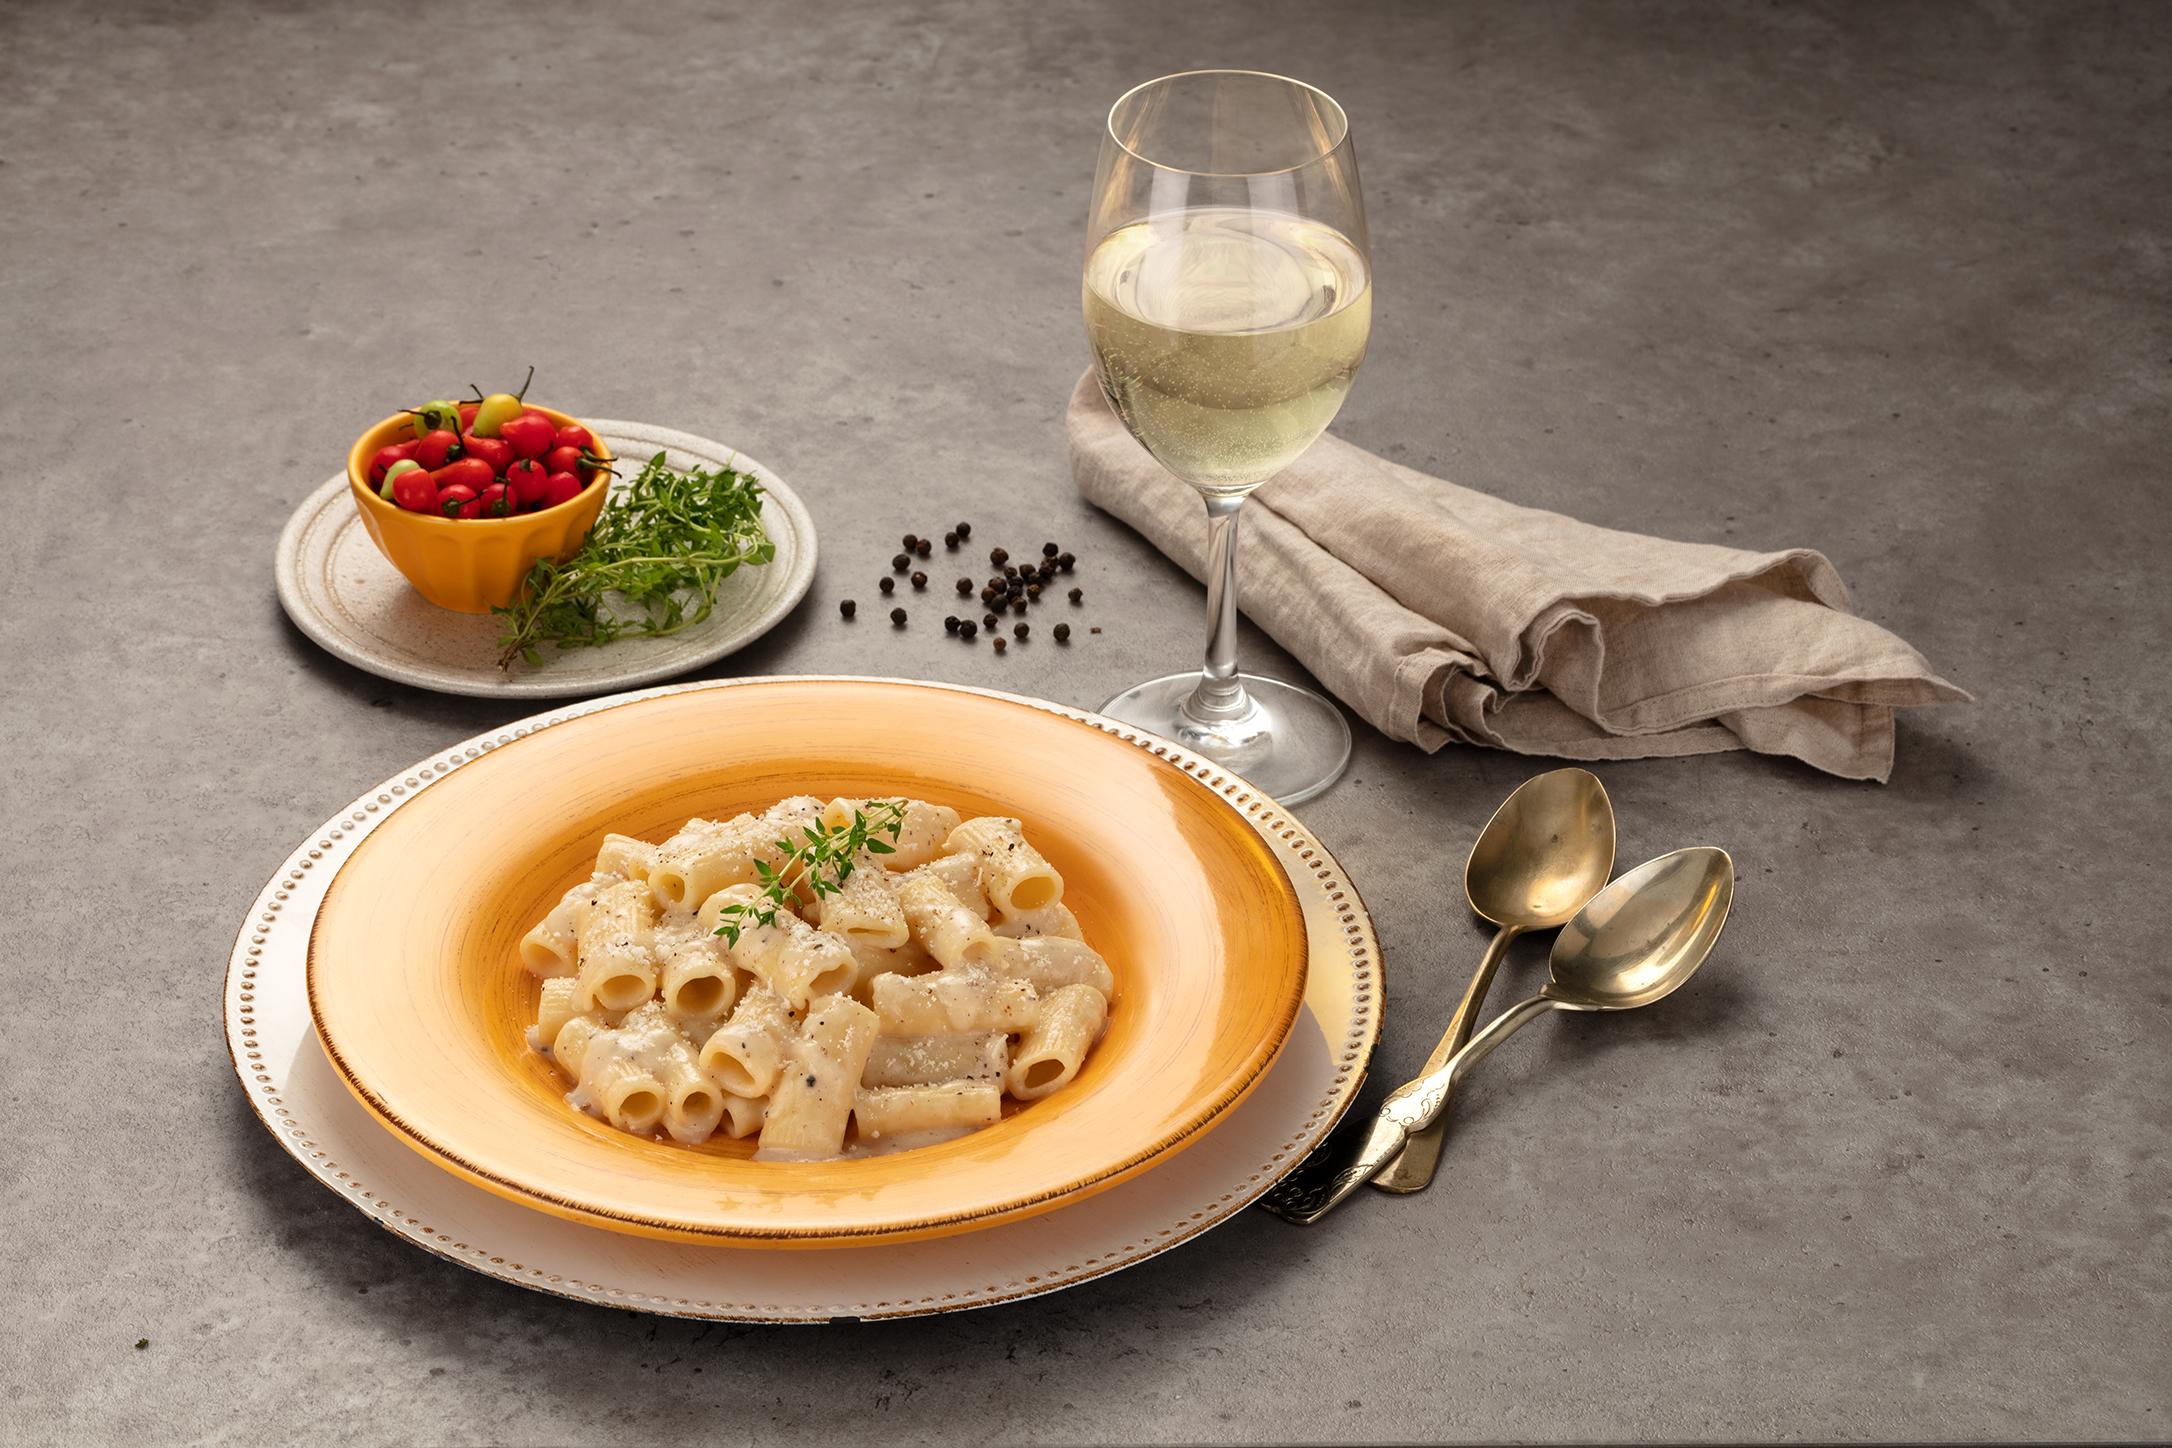 Gastronomia italiana é a preferida entre os brasileiros